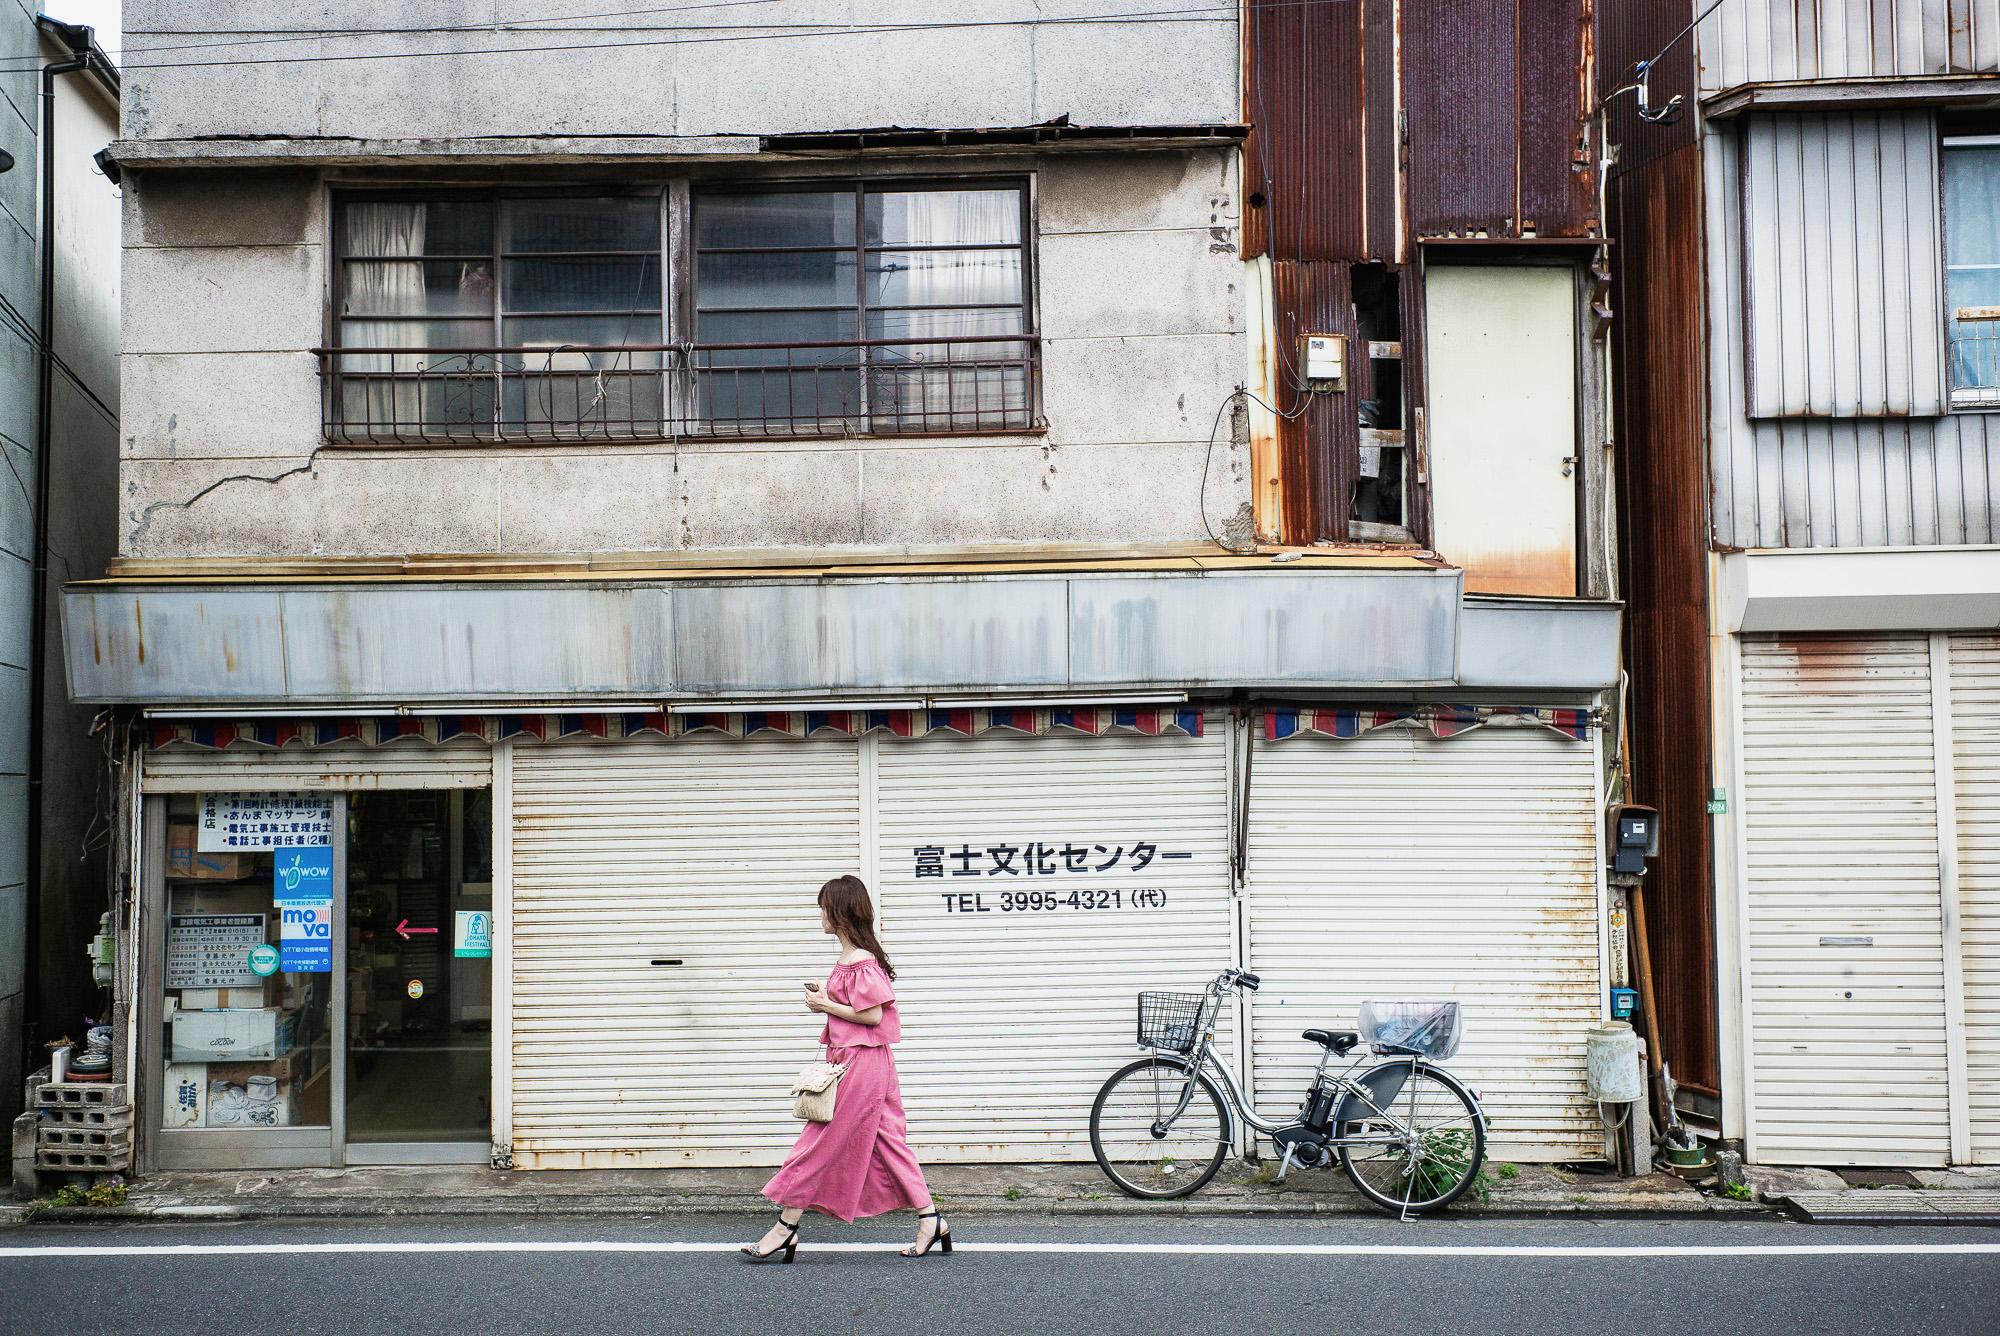 old-dilapidated-tokyo-2000.jpg